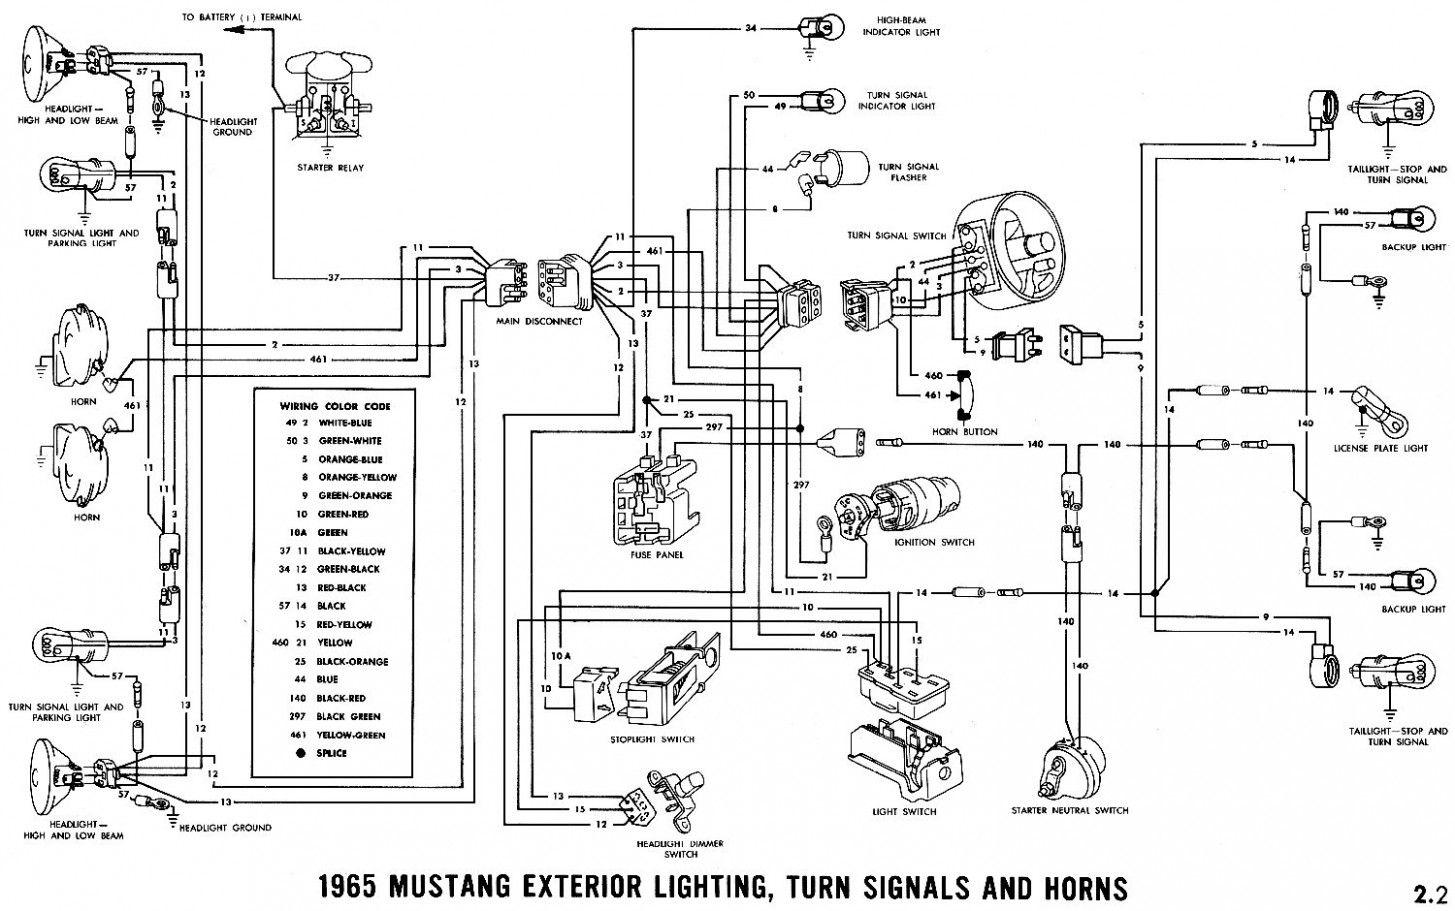 7 Mustang Engine Bay Wiring Diagram 7 Mustang Engine Bay Wiring Diagram